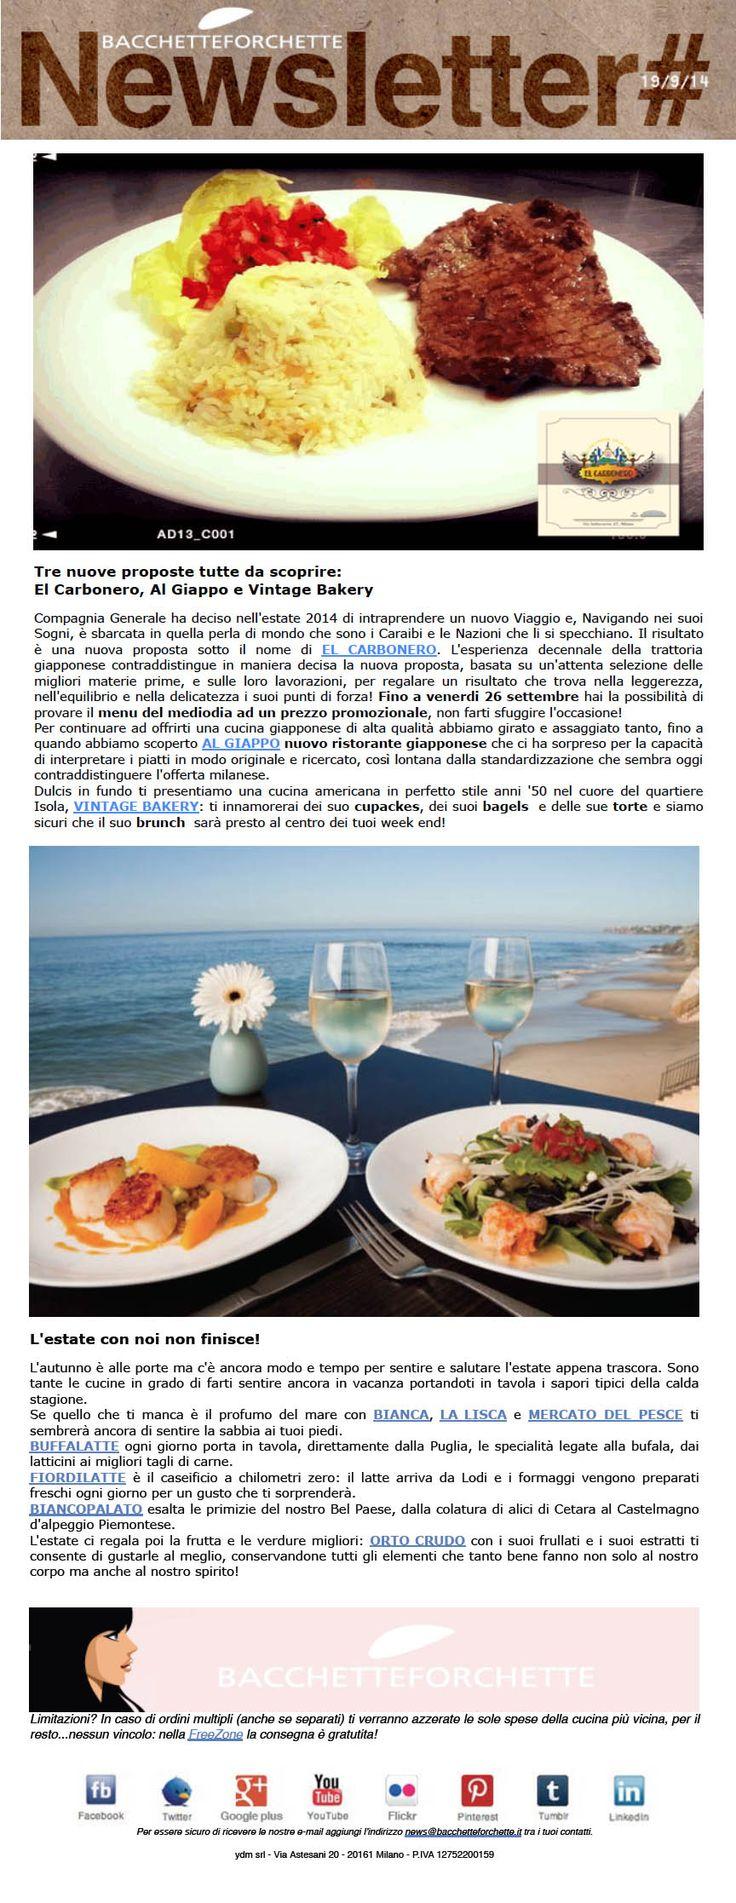 Tre nuove proposte tutte da scoprire: El Carbonero, Al Giappo e Vintage Bakery e L'estate con noi non finisce!